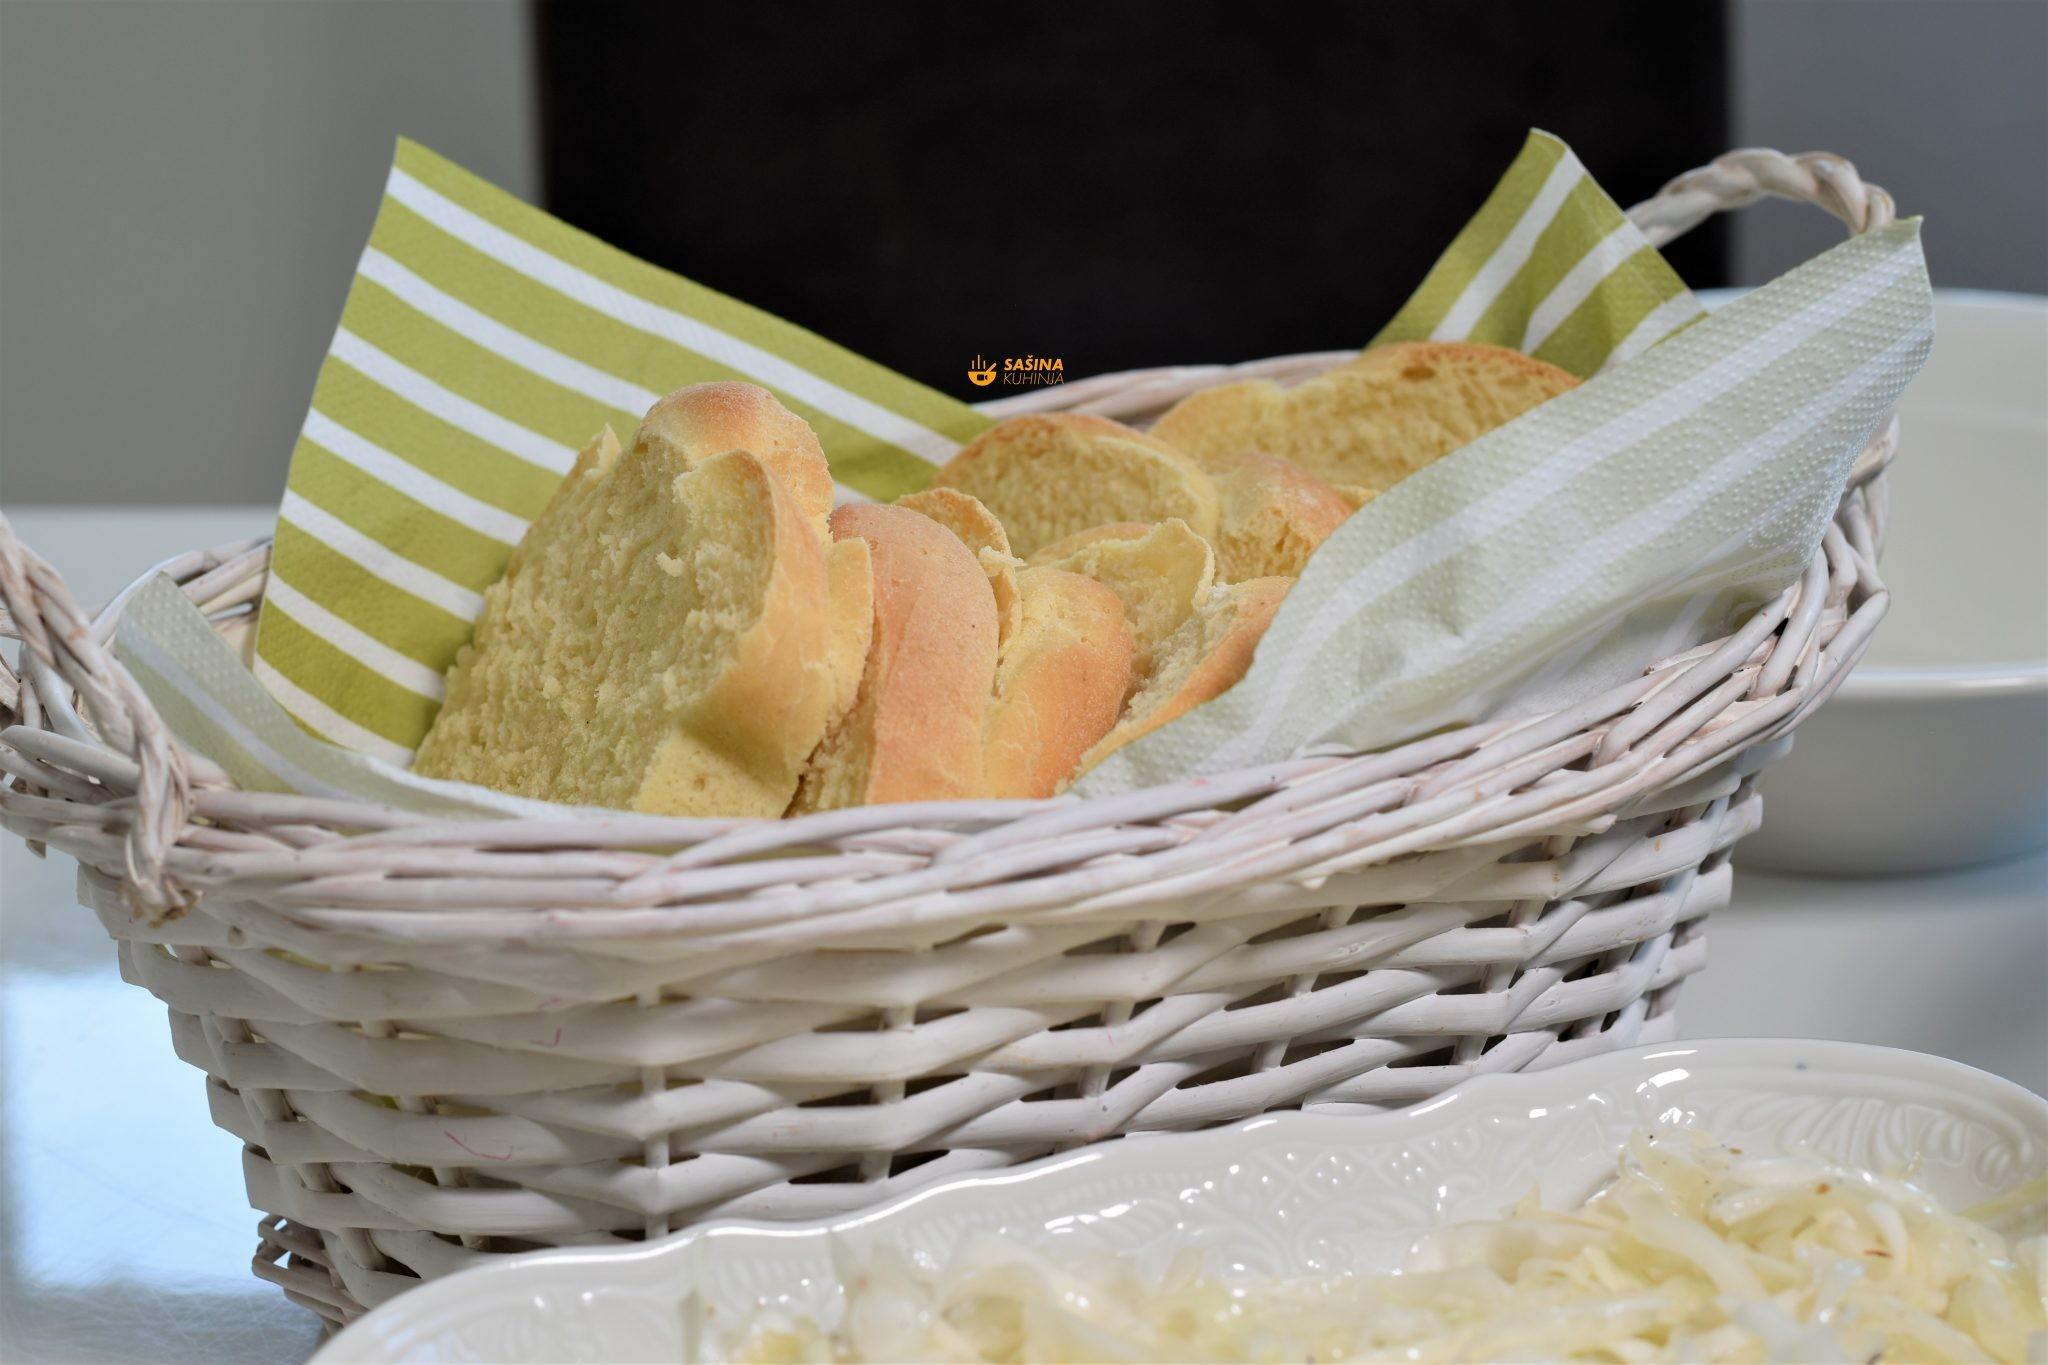 domaci kruh sa kukuruznim brasnom